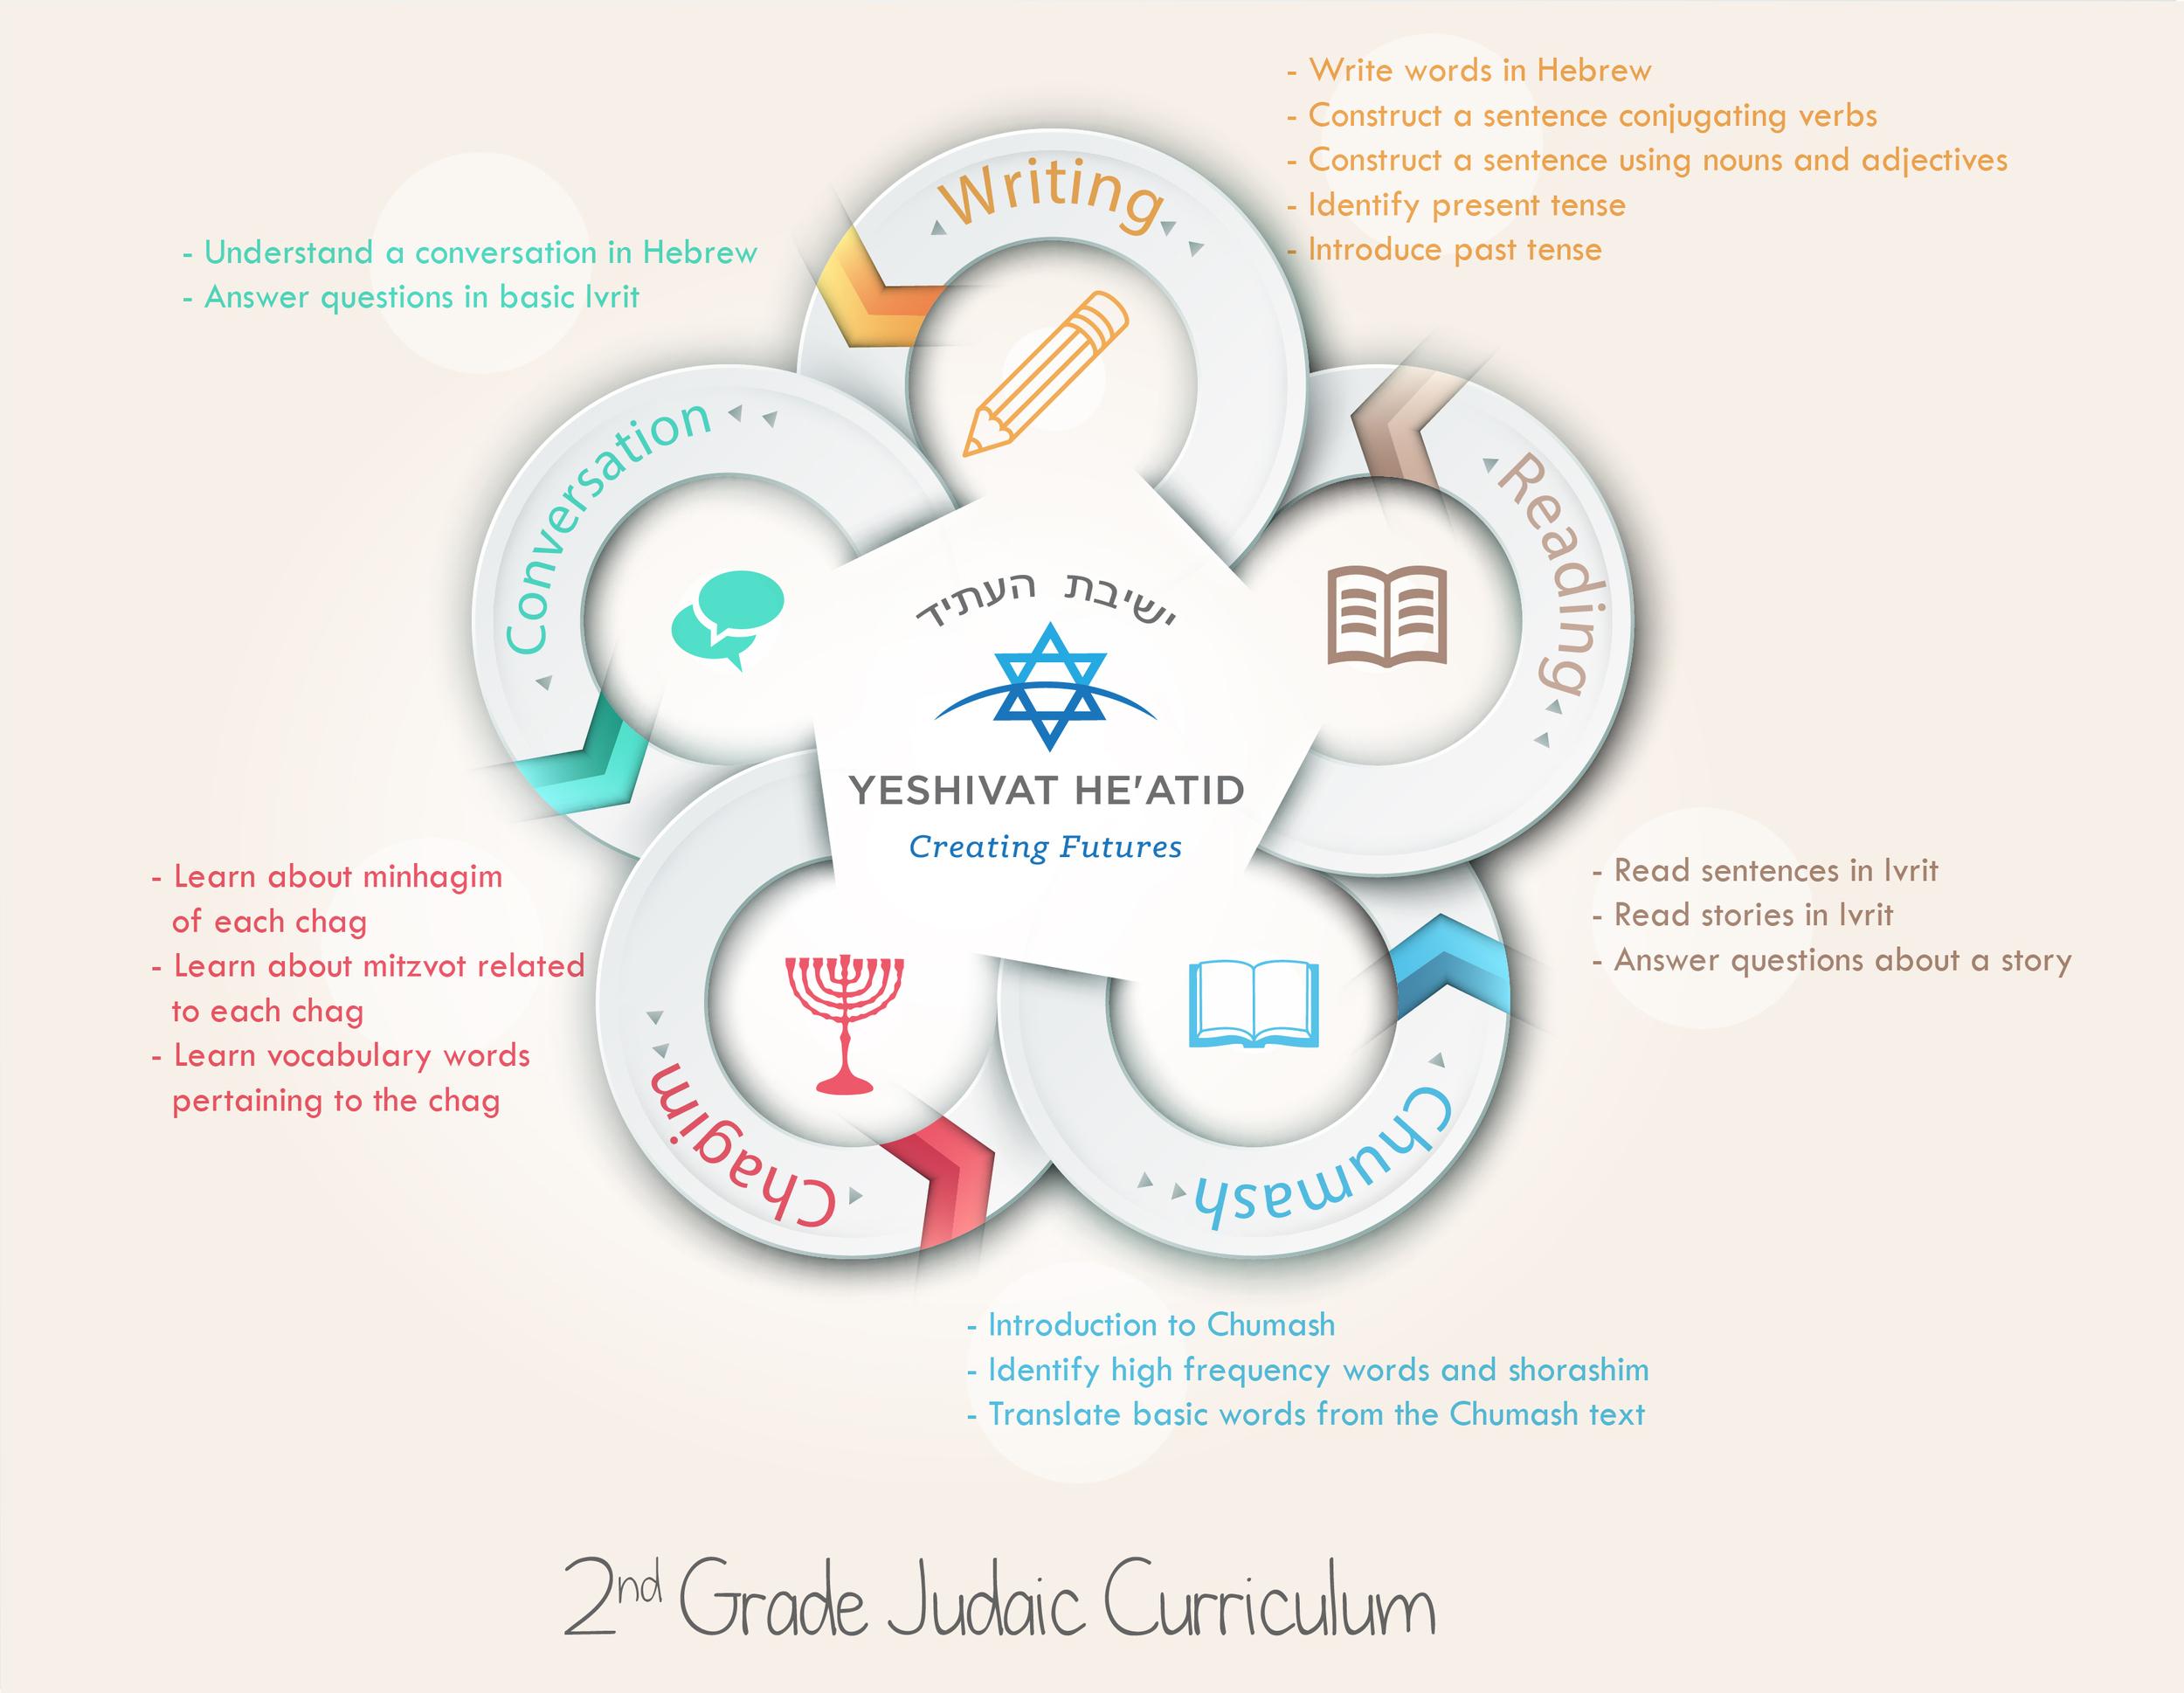 6- 2nd Grade Judaic Curriculum.jpg